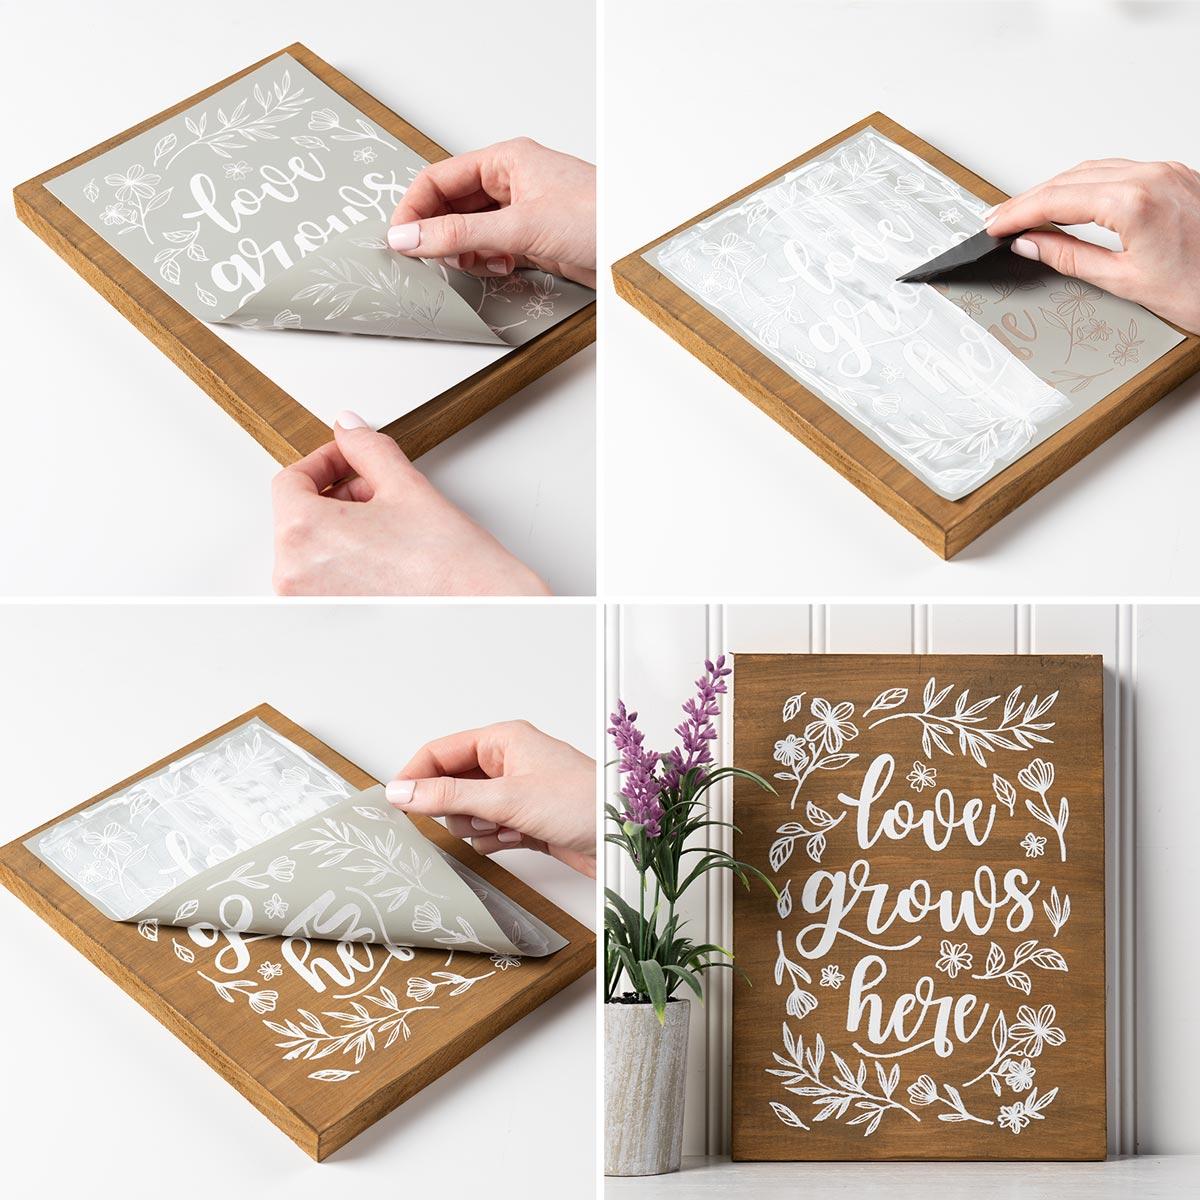 FolkArt ® Sign Shop™ Mesh Stencil - Kindness, 2 pc. - 63365